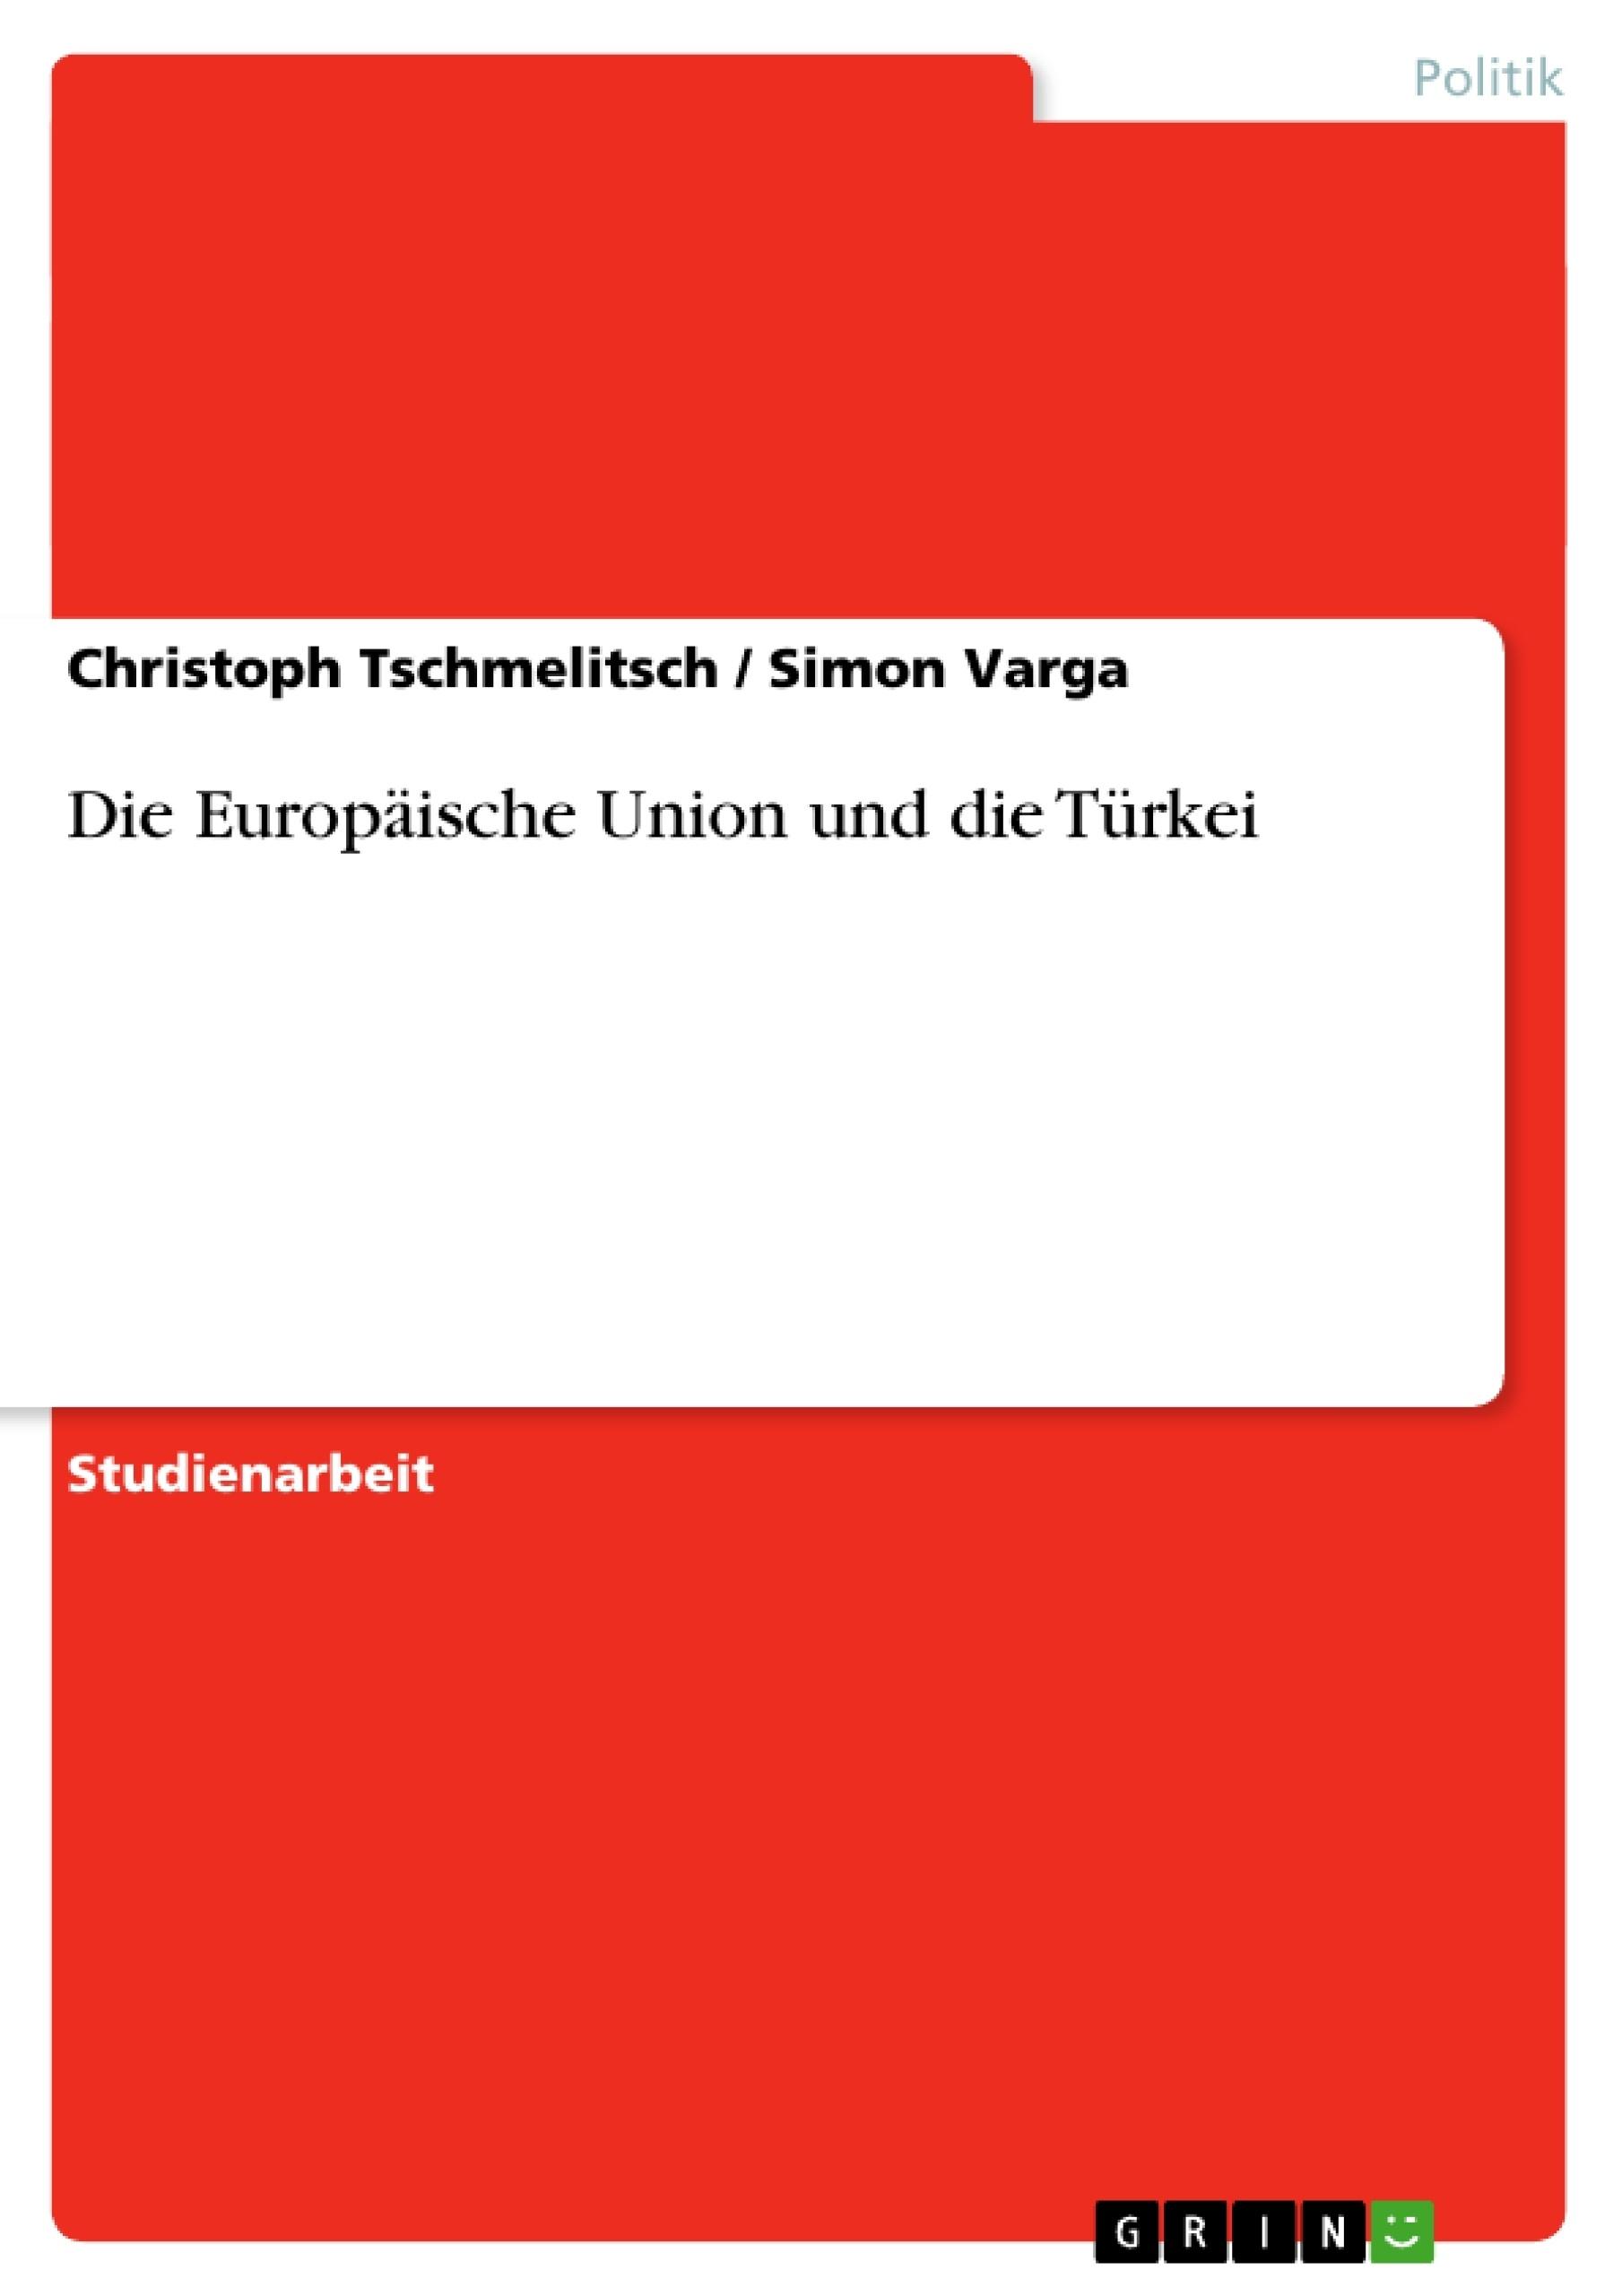 Titel: Die Europäische Union und die Türkei